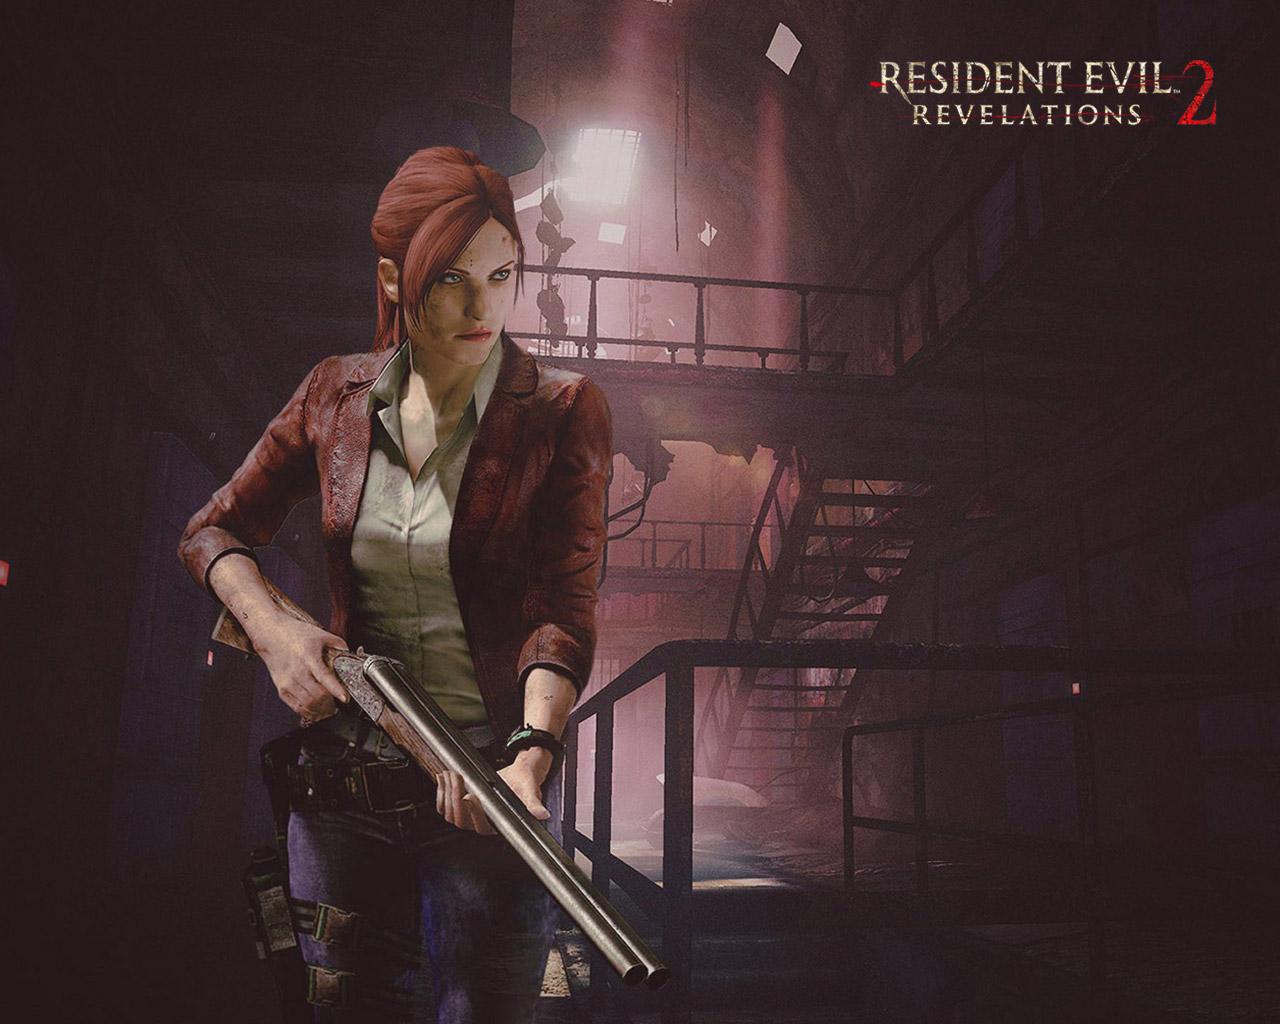 Free Resident Evil: Revelations 2 Wallpaper in 1280x1024